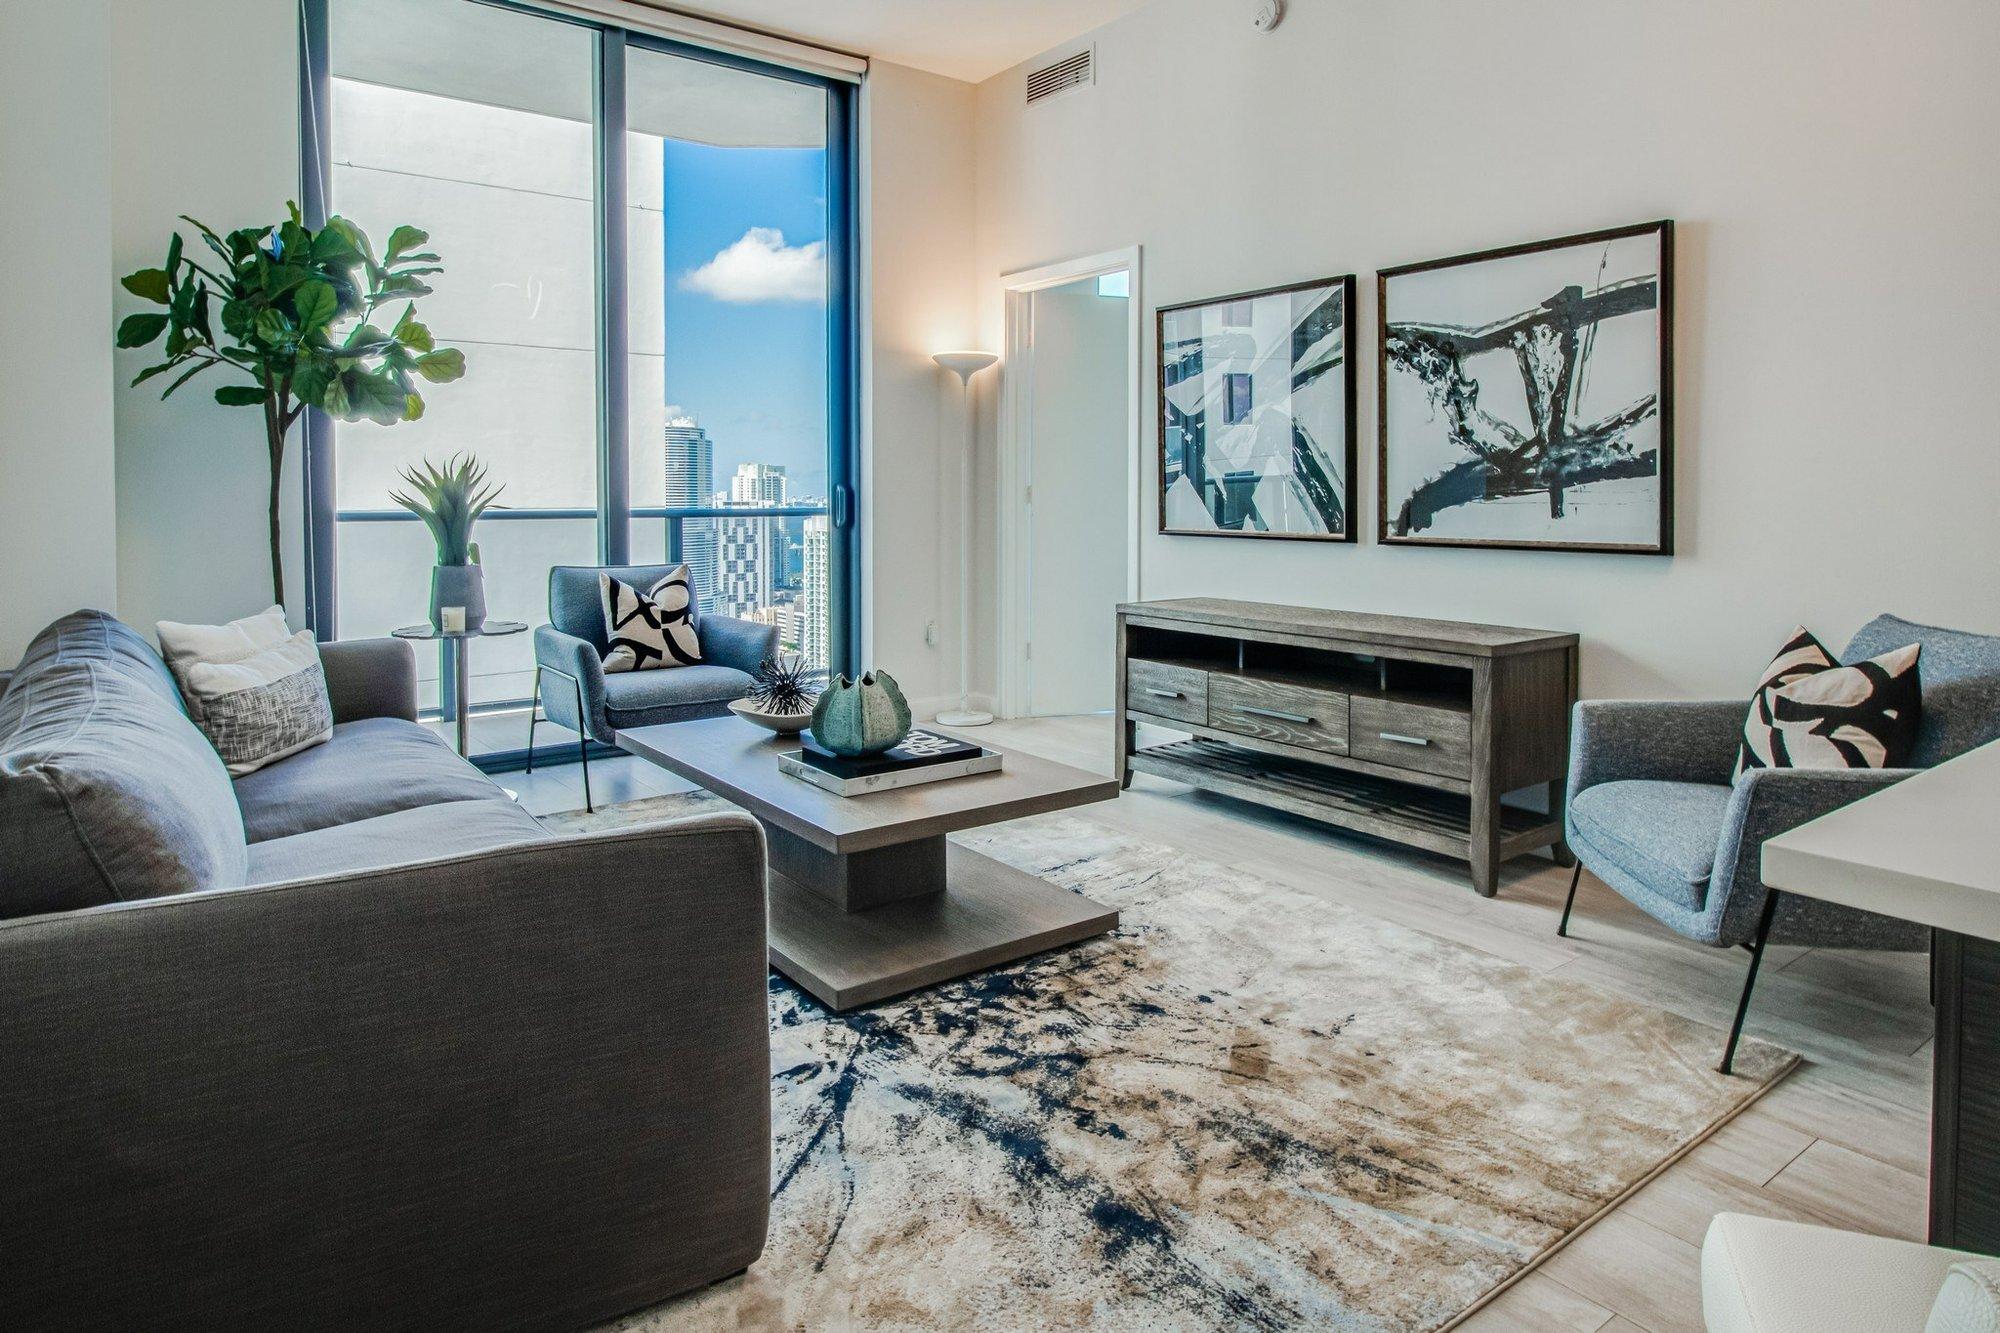 Condo in Miami, Florida, United States 1 - 11624475